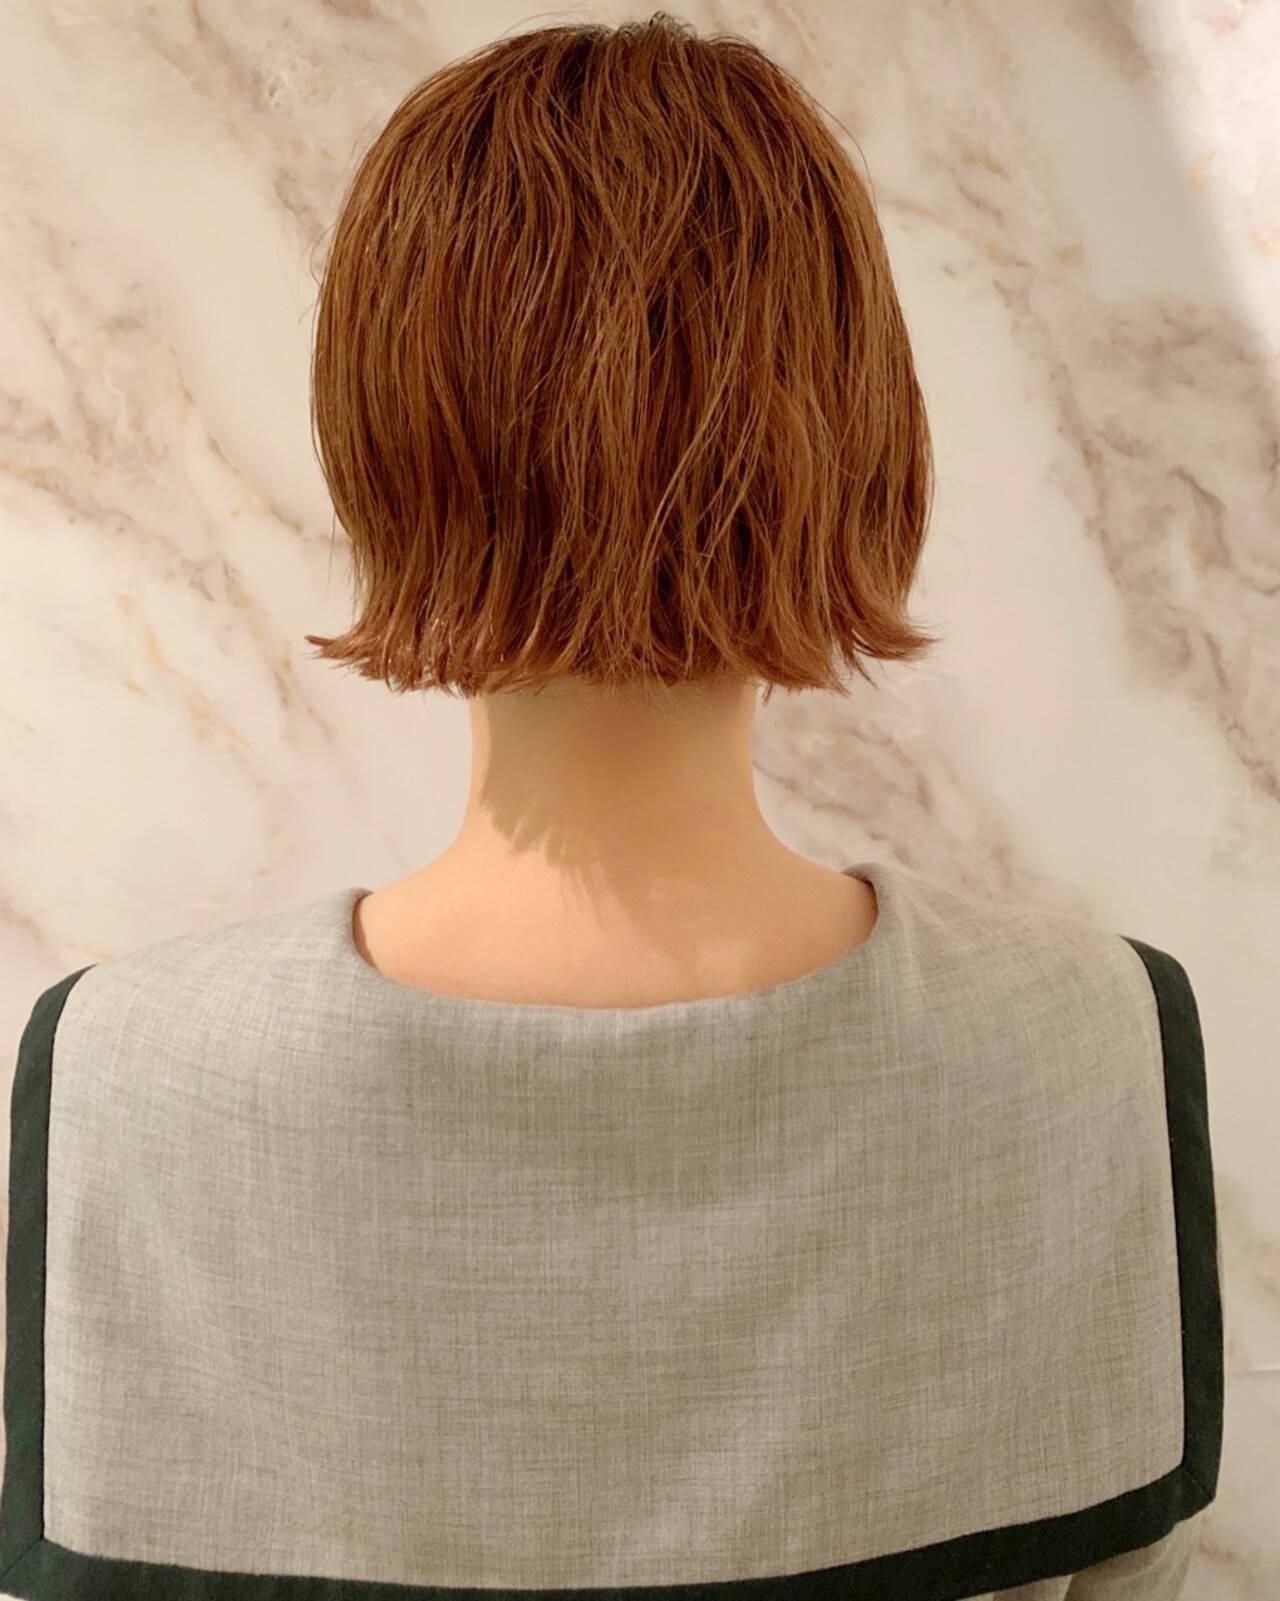 オレンジカラー アンニュイほつれヘア ボブ ナチュラルヘアスタイルや髪型の写真・画像